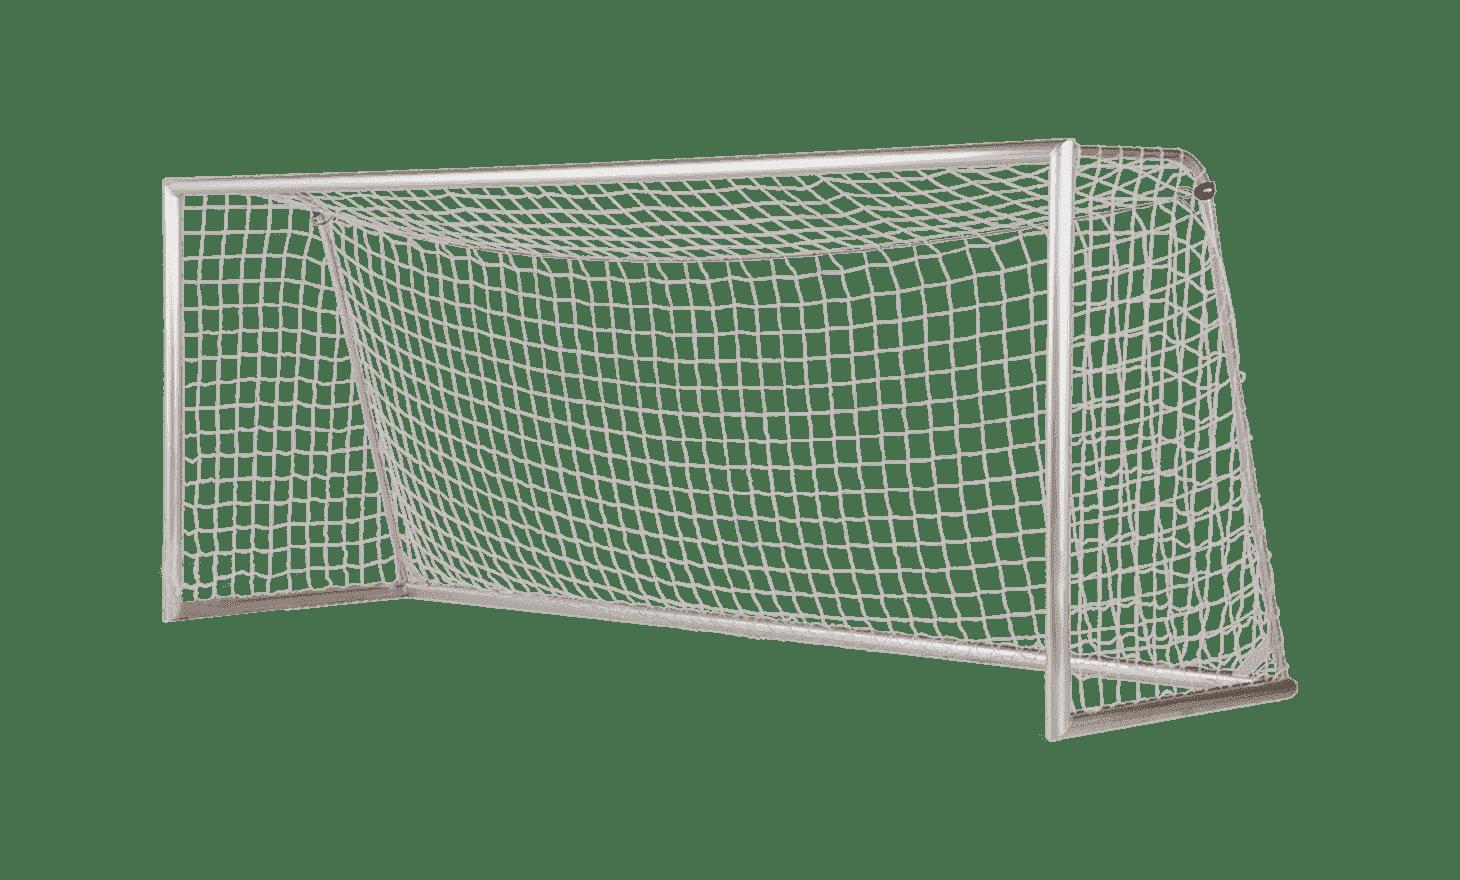 Verplaatsbare voetbaldoelen